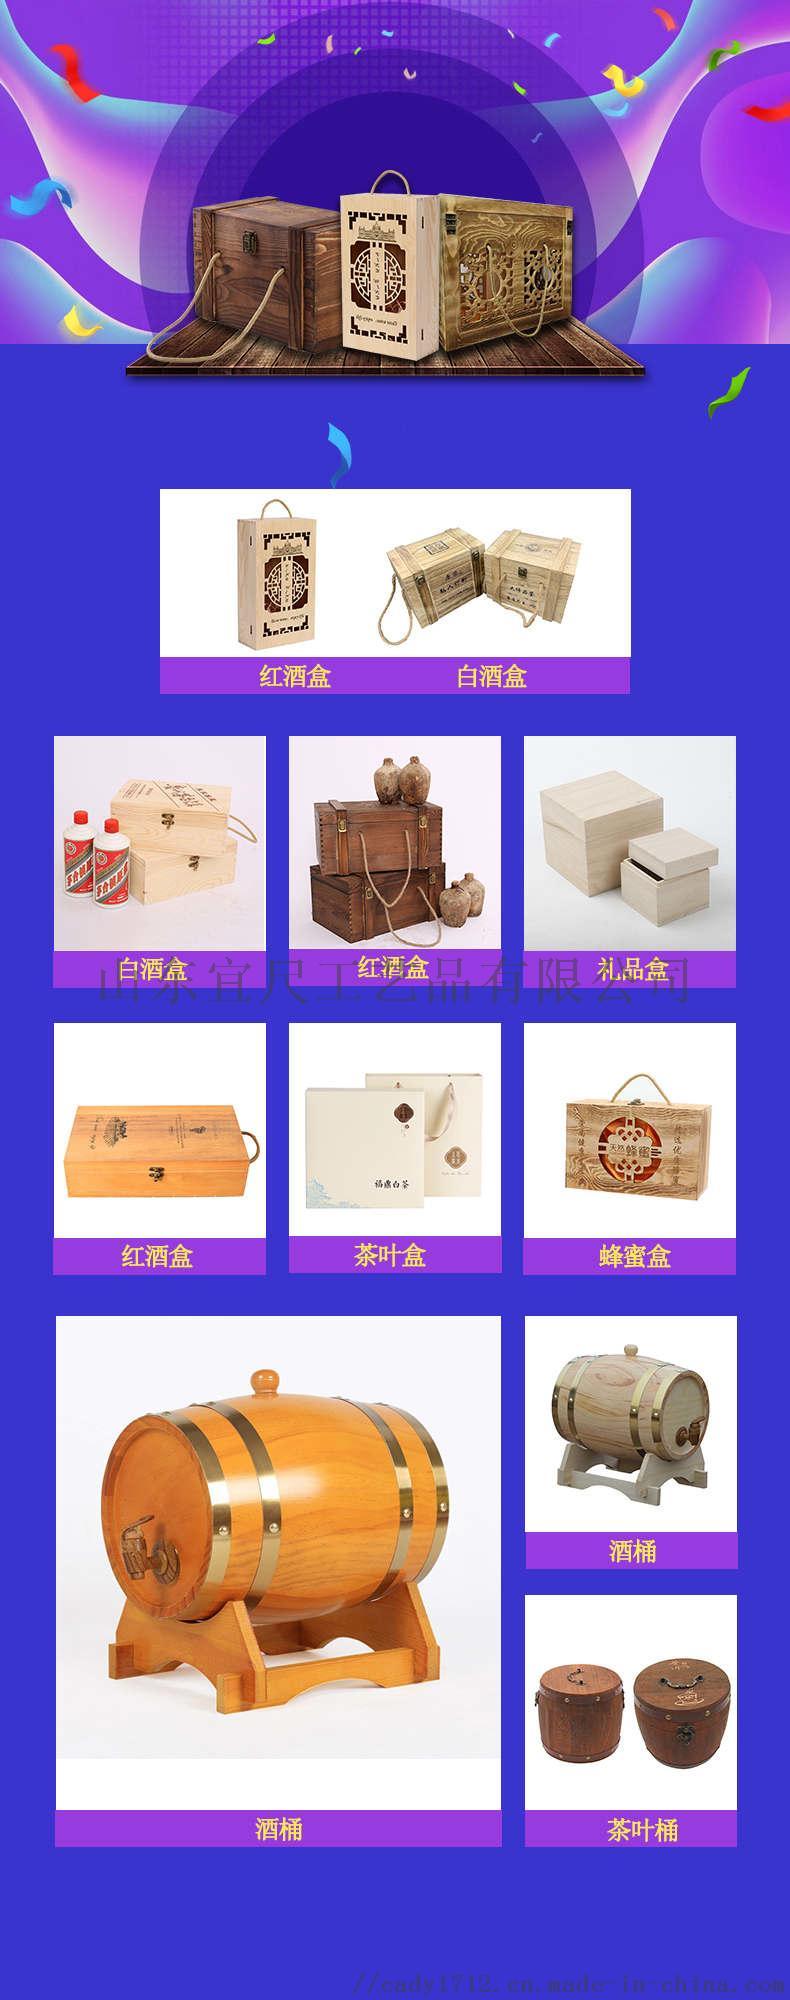 盒子.jpg